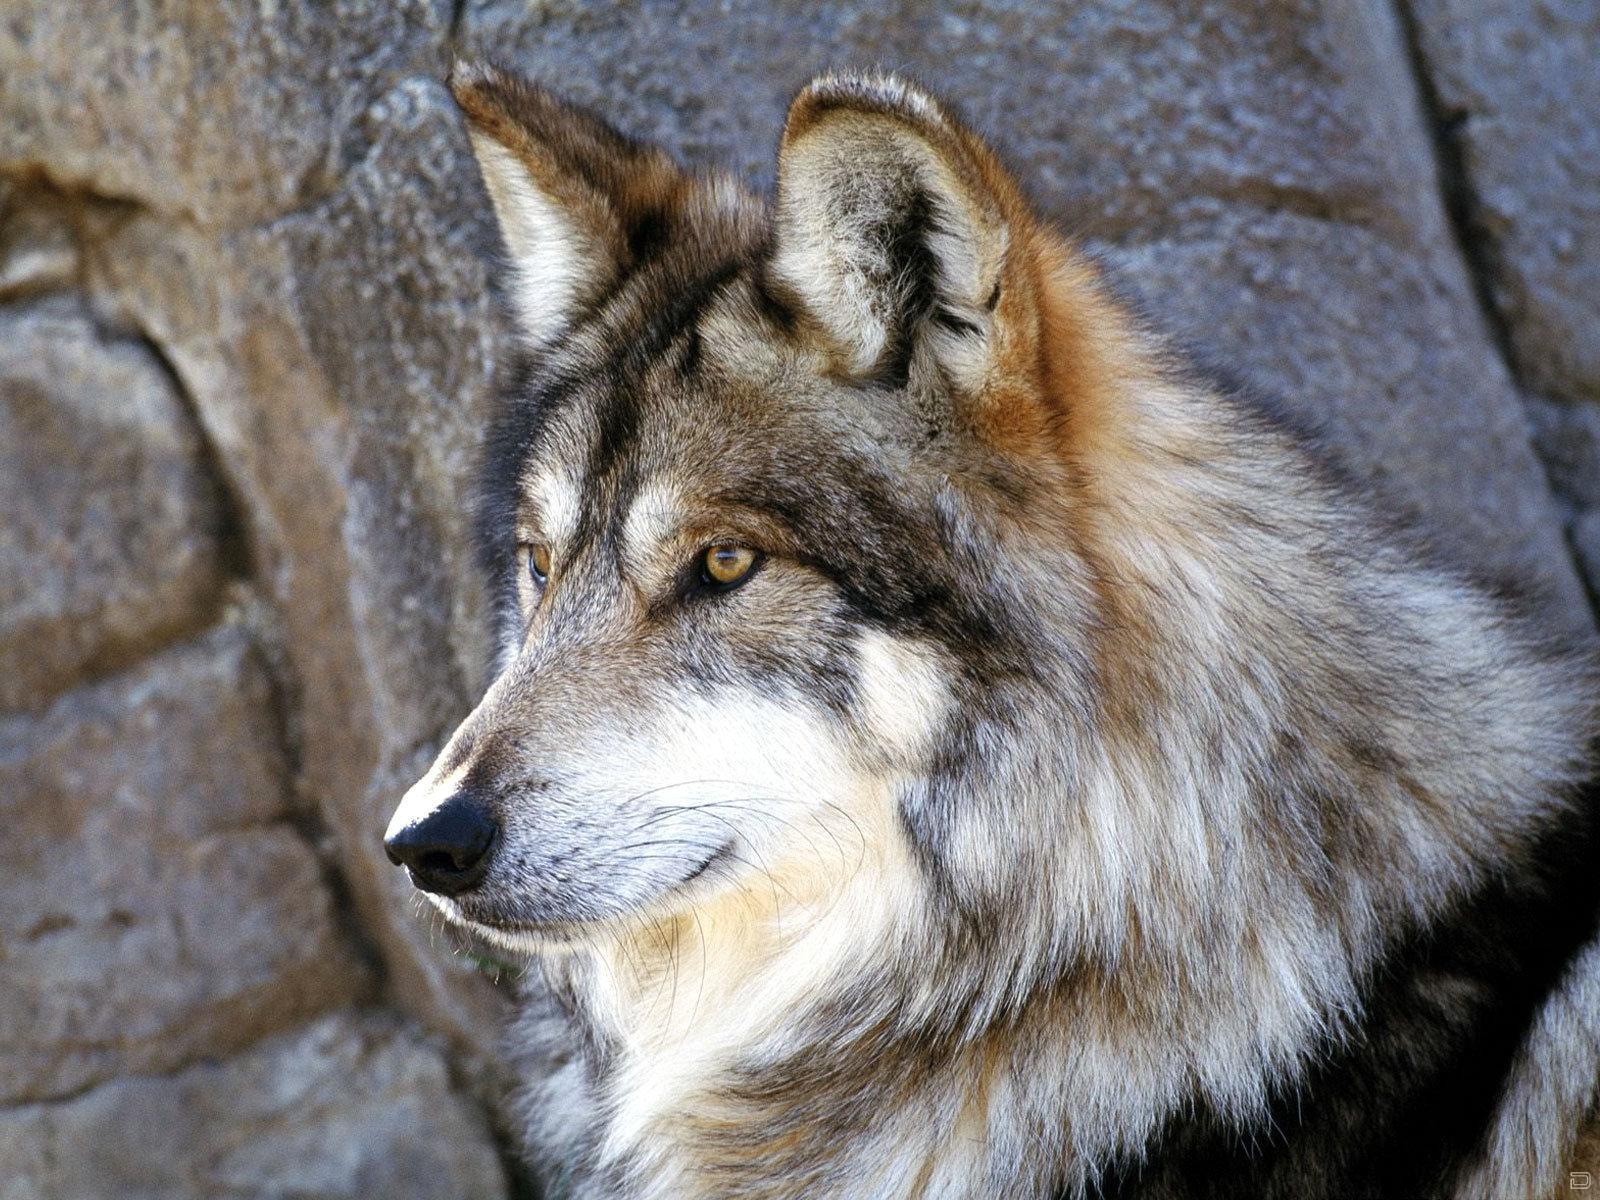 В каждом человеке идет борьба, очень похожая на борьбу двух волков.